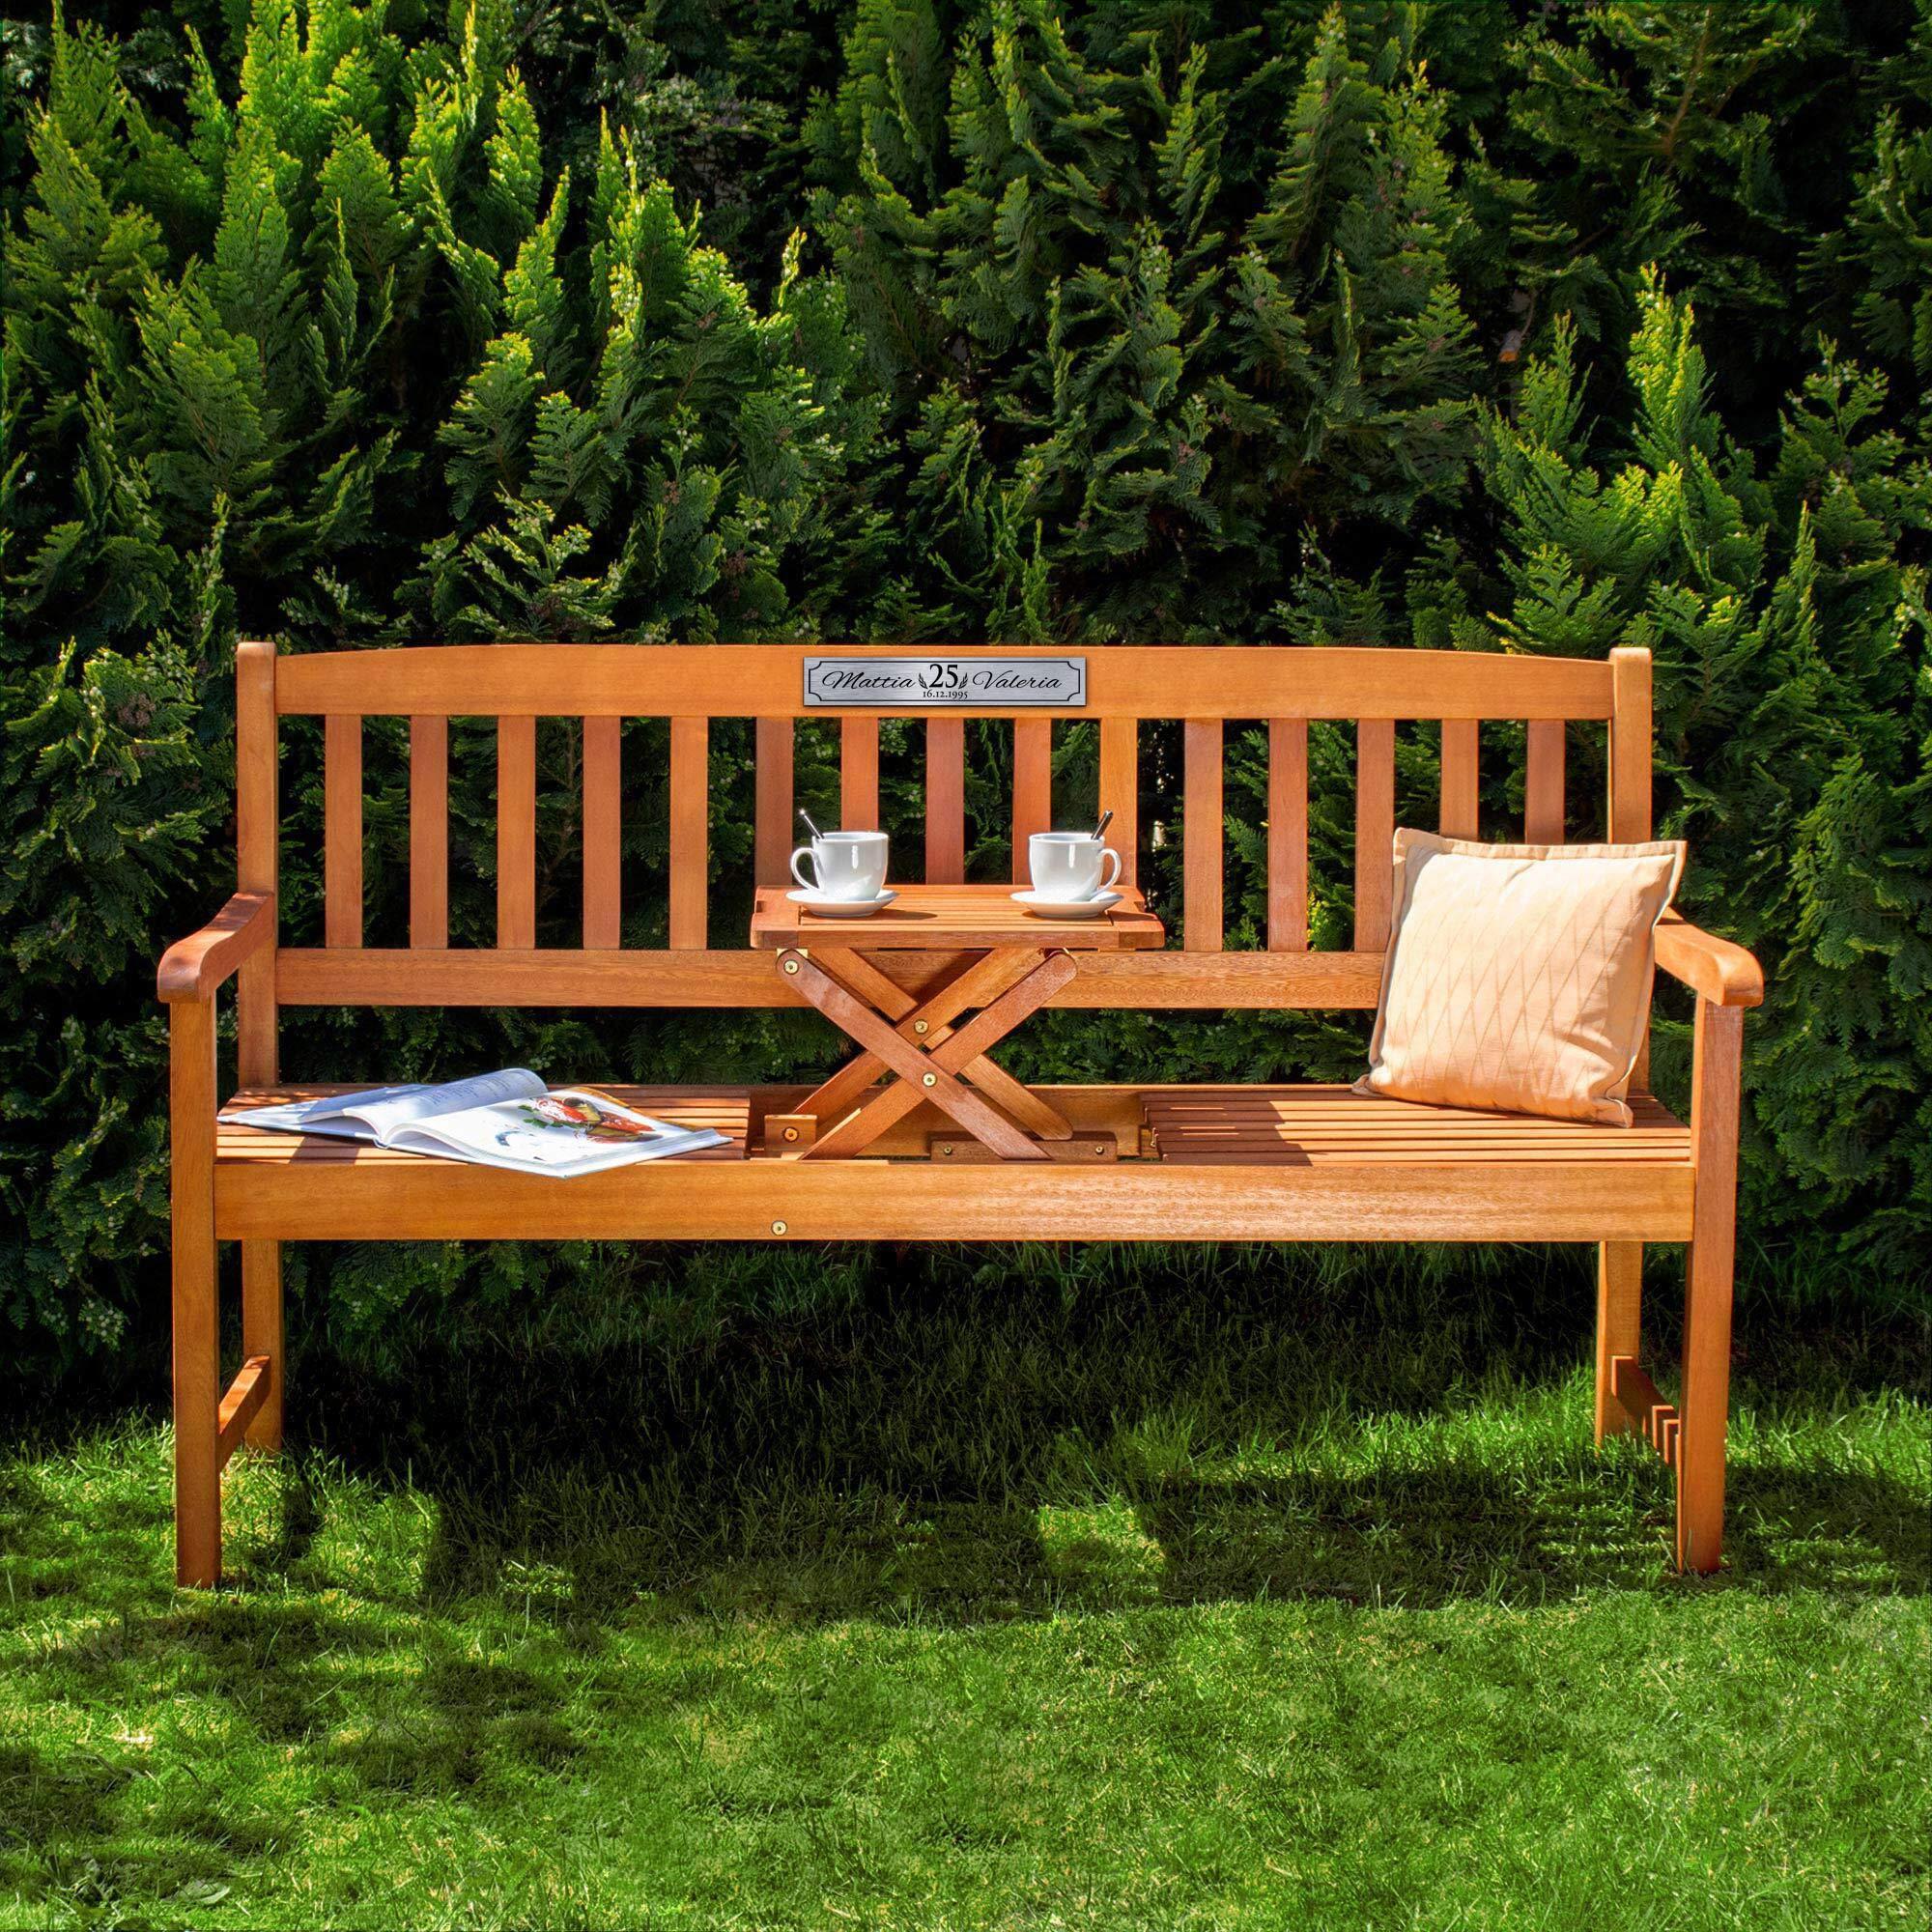 Gartenbank zur Silberhochzeit aus Holz mit personalisierter Plakette